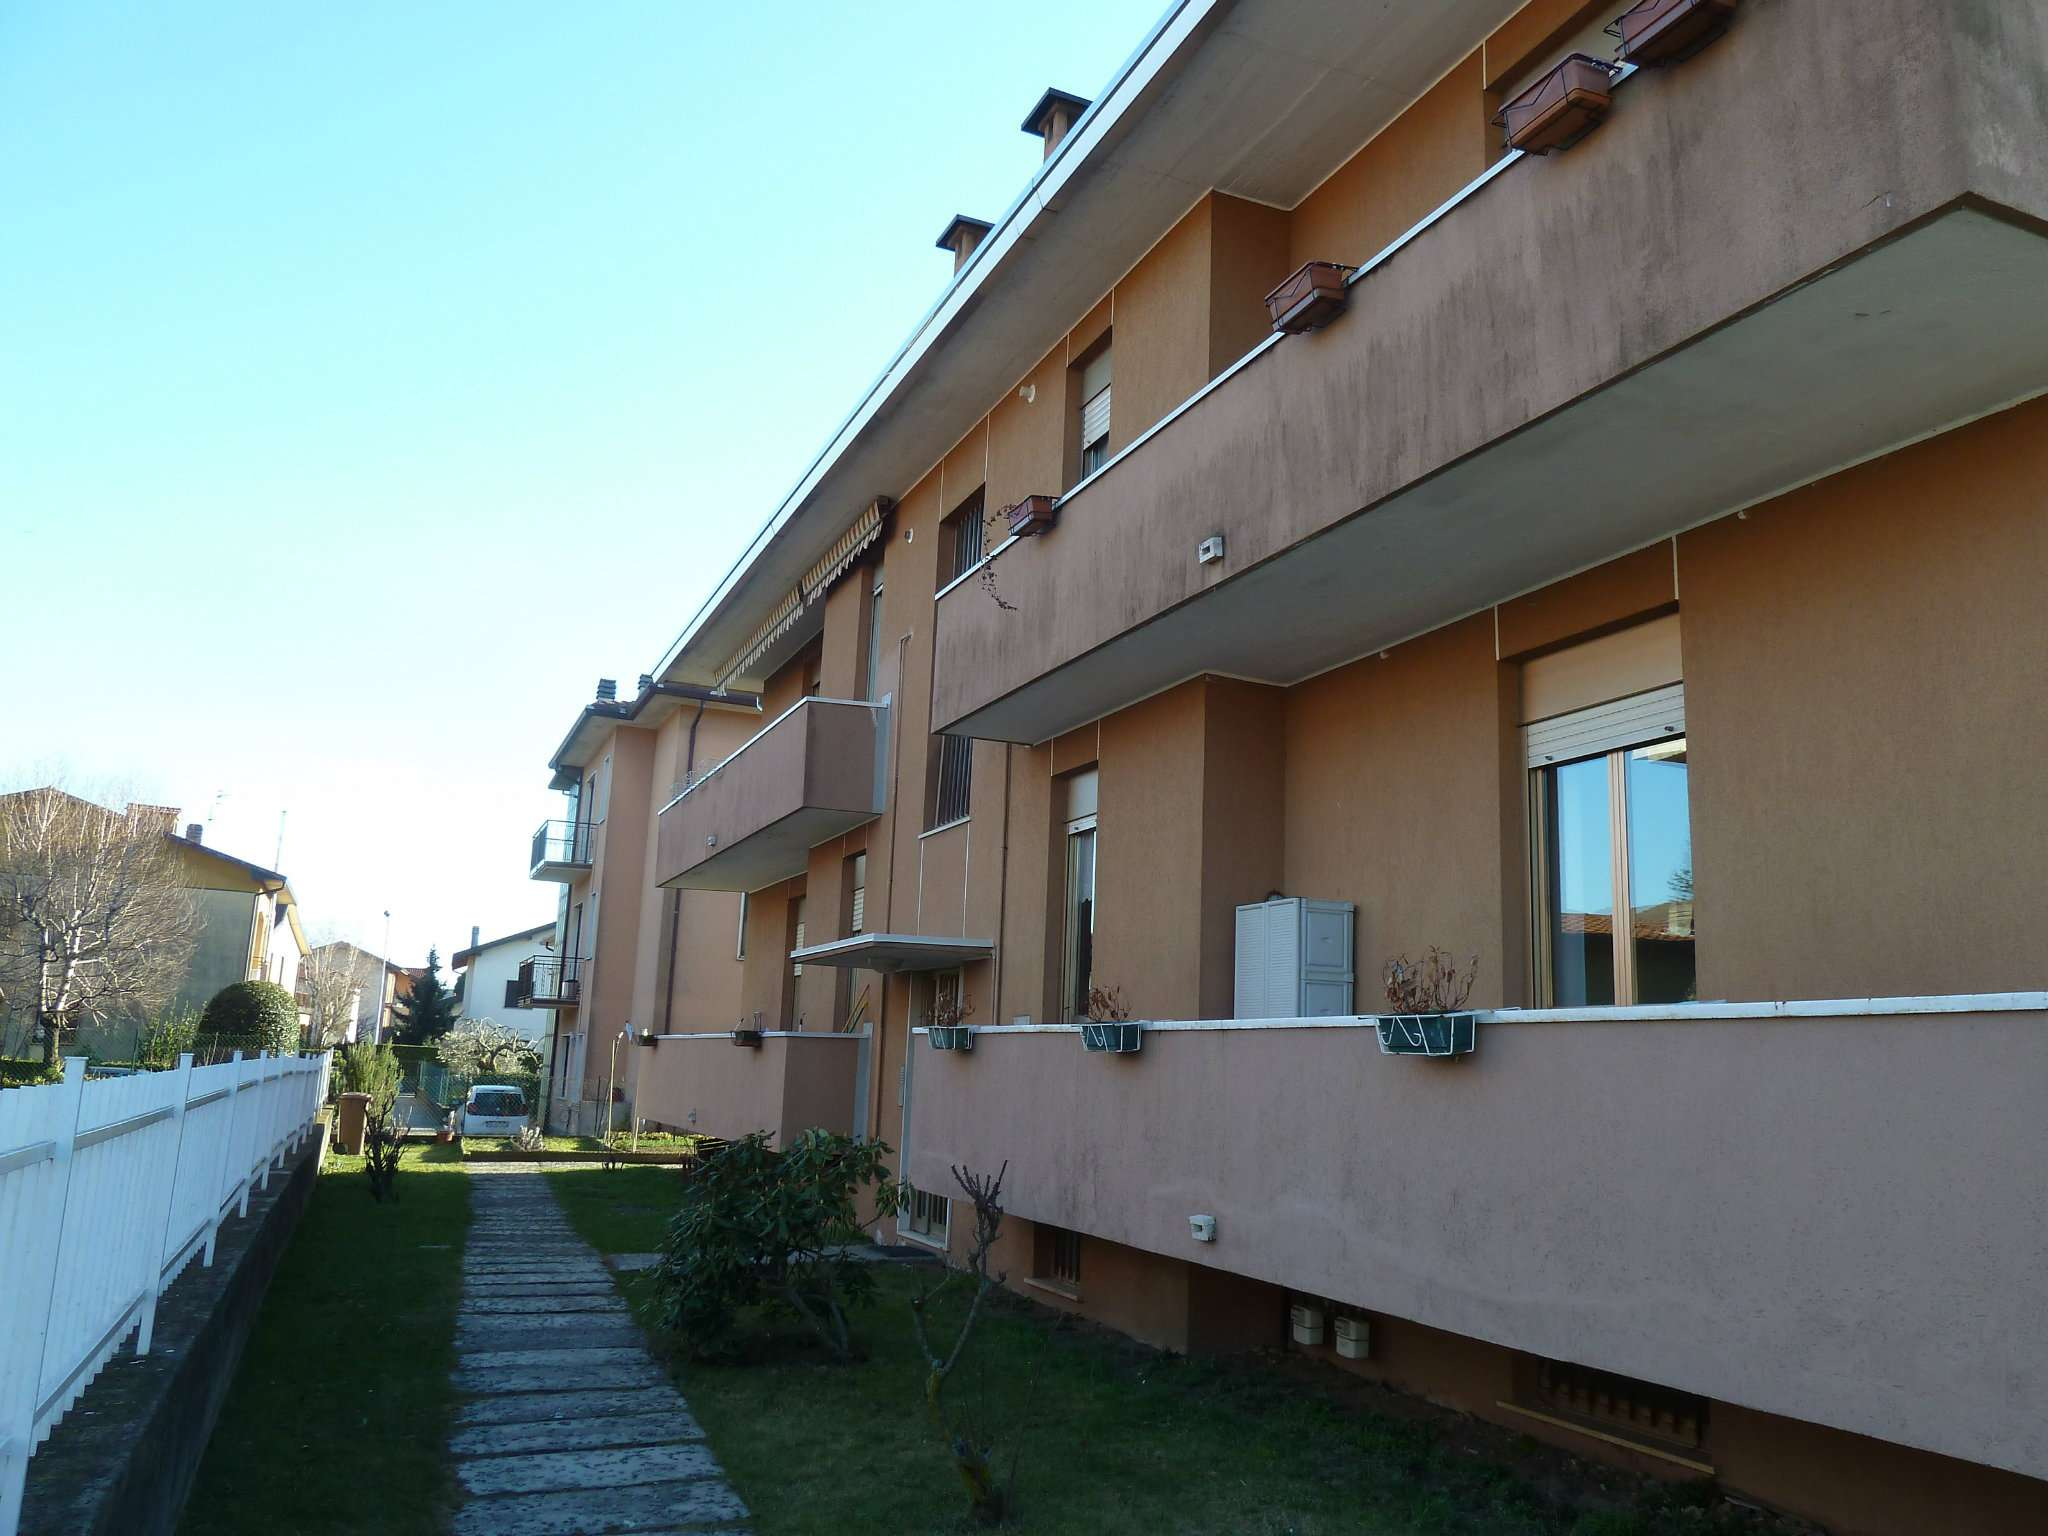 Appartamento in affitto a Induno Olona, 2 locali, prezzo € 500 | Cambio Casa.it